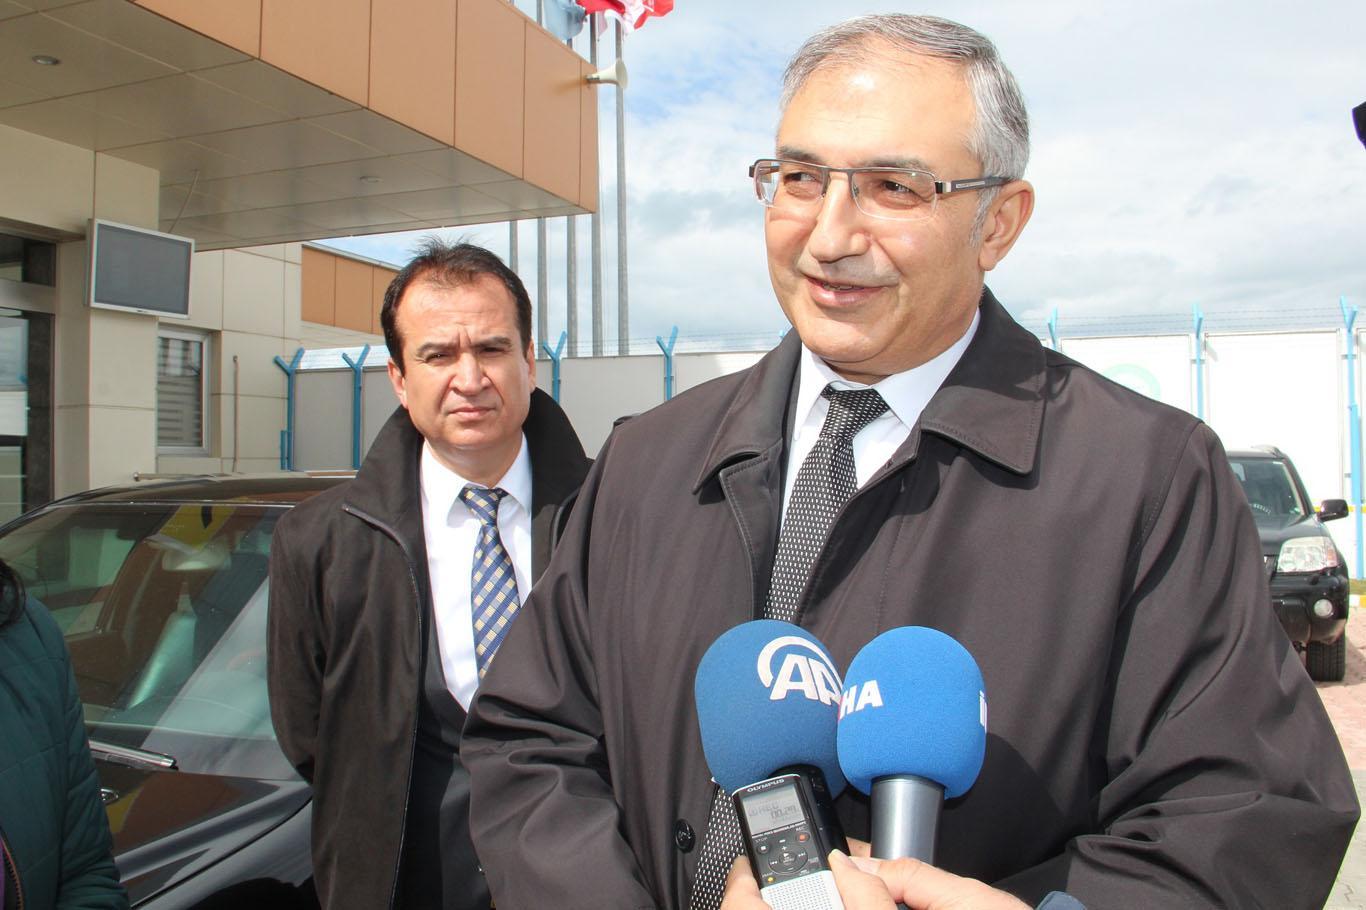 Ankara Emniyet Müdüründen ilk açıklama geldi